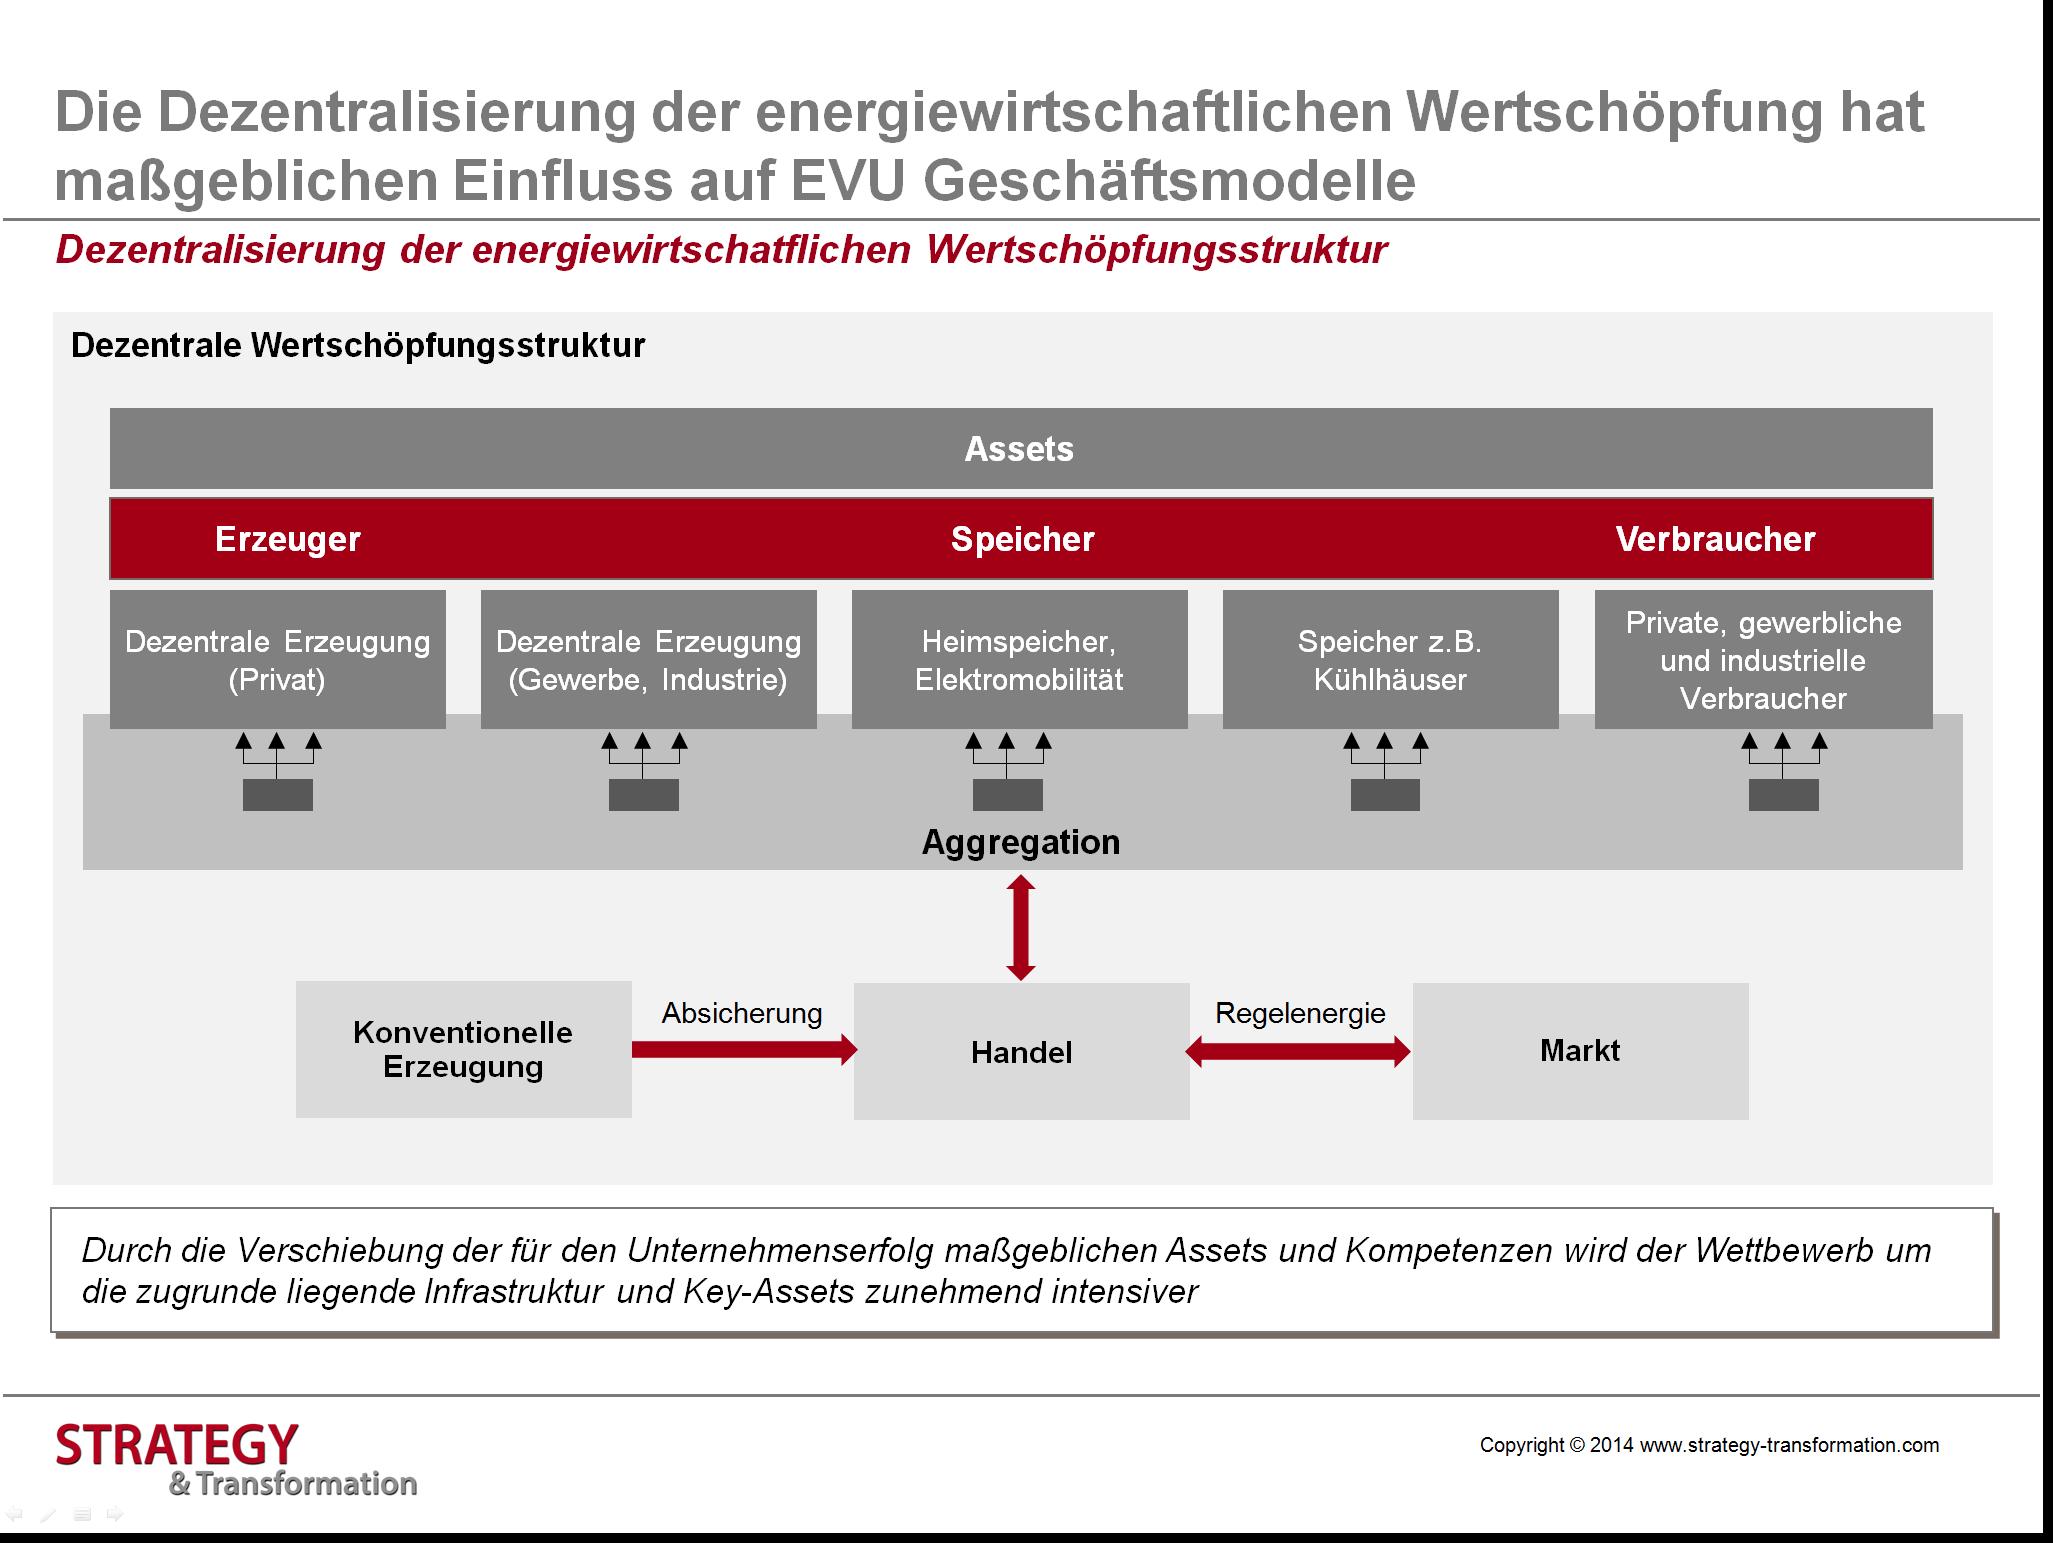 Digitale Transformation Energie_Dezentralisierung Wertschöpfungskette